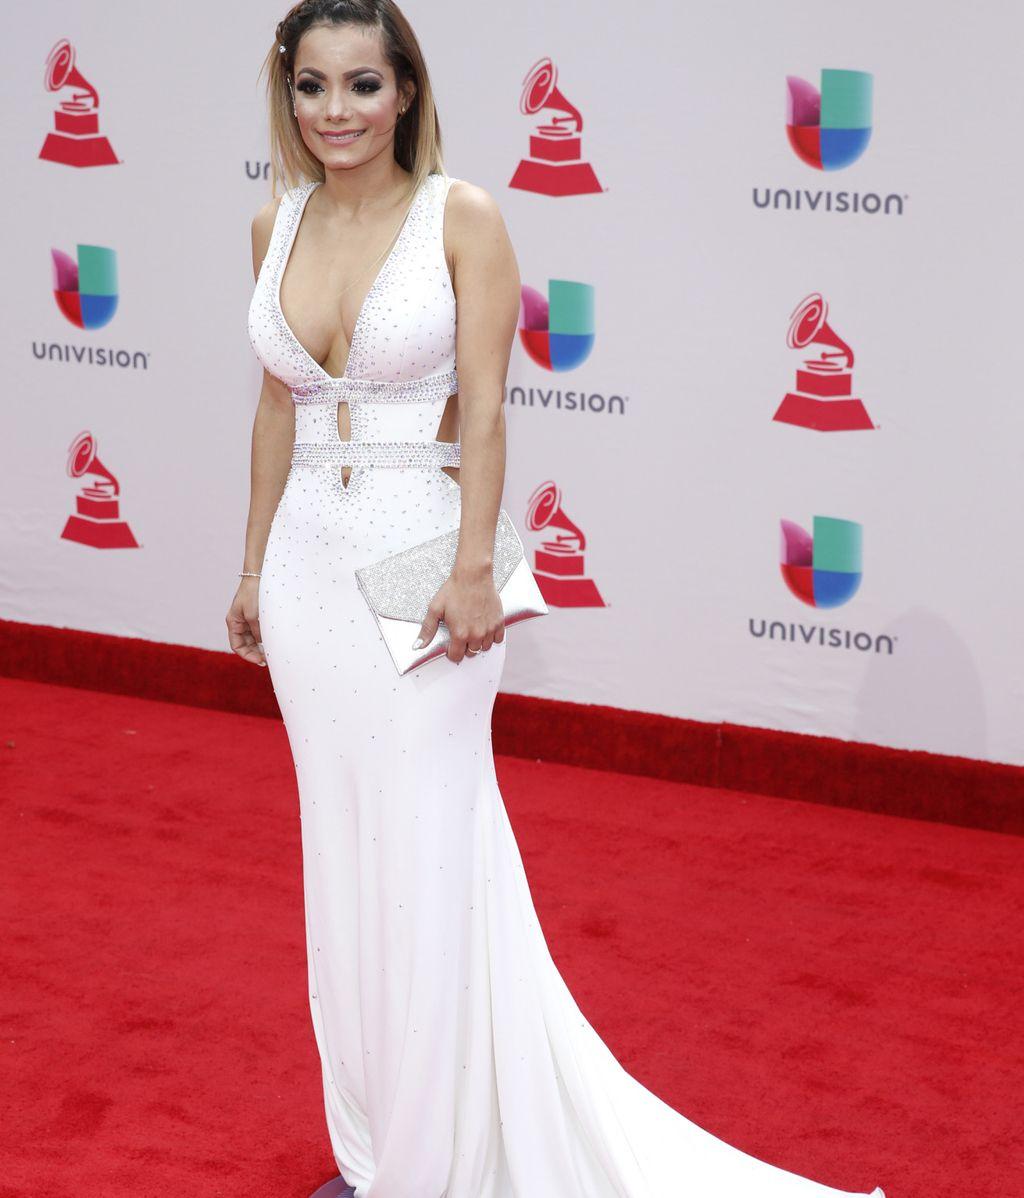 La alfombra roja de los Grammy Latinos, foto a foto